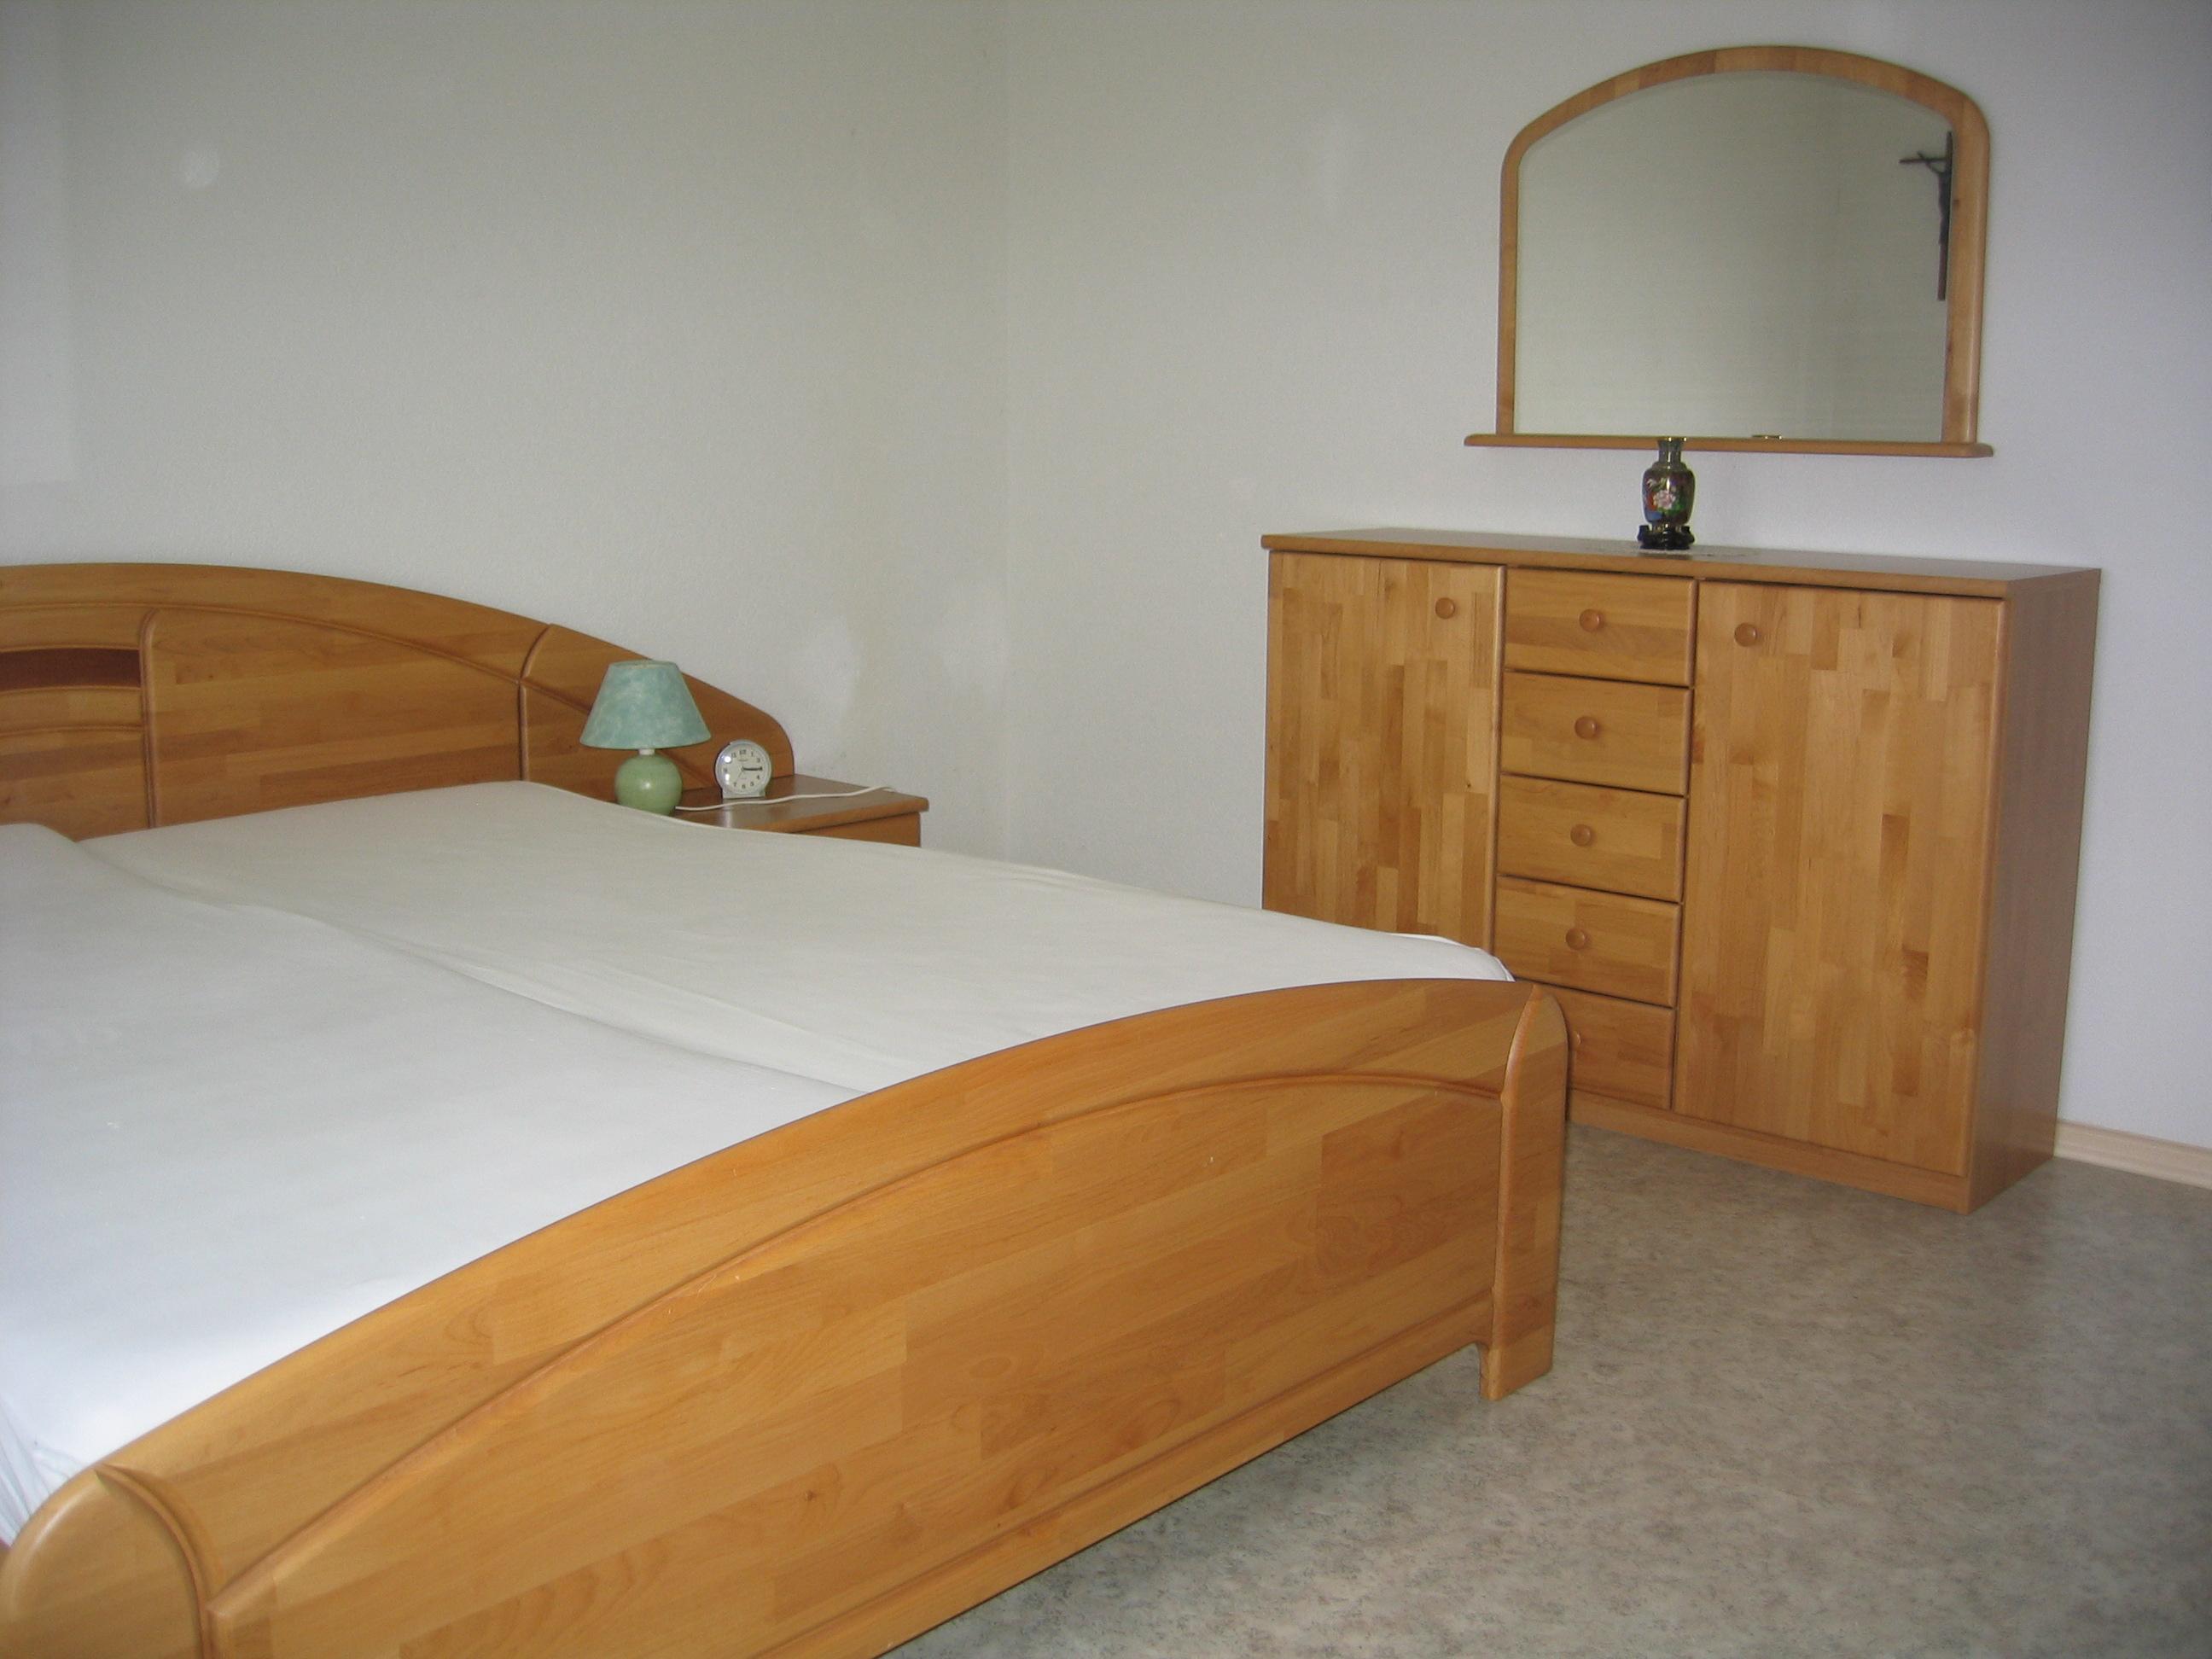 Maison Contemporaine Bois En Kit : chambre à coucher complète  Sur Adjugerch